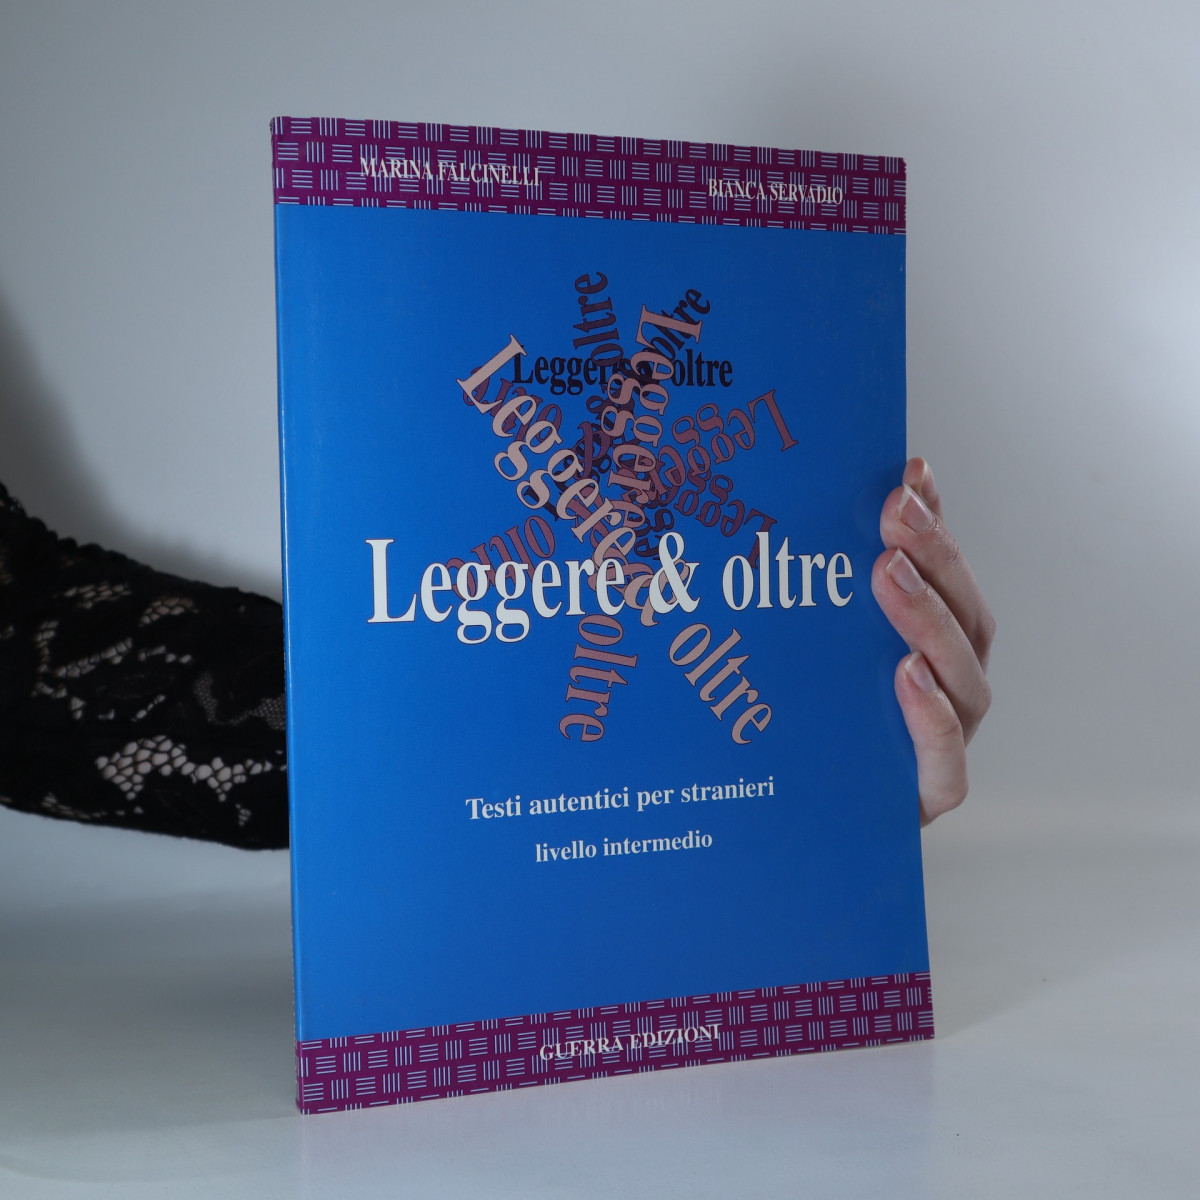 antikvární kniha Leggere & oltre, 1996